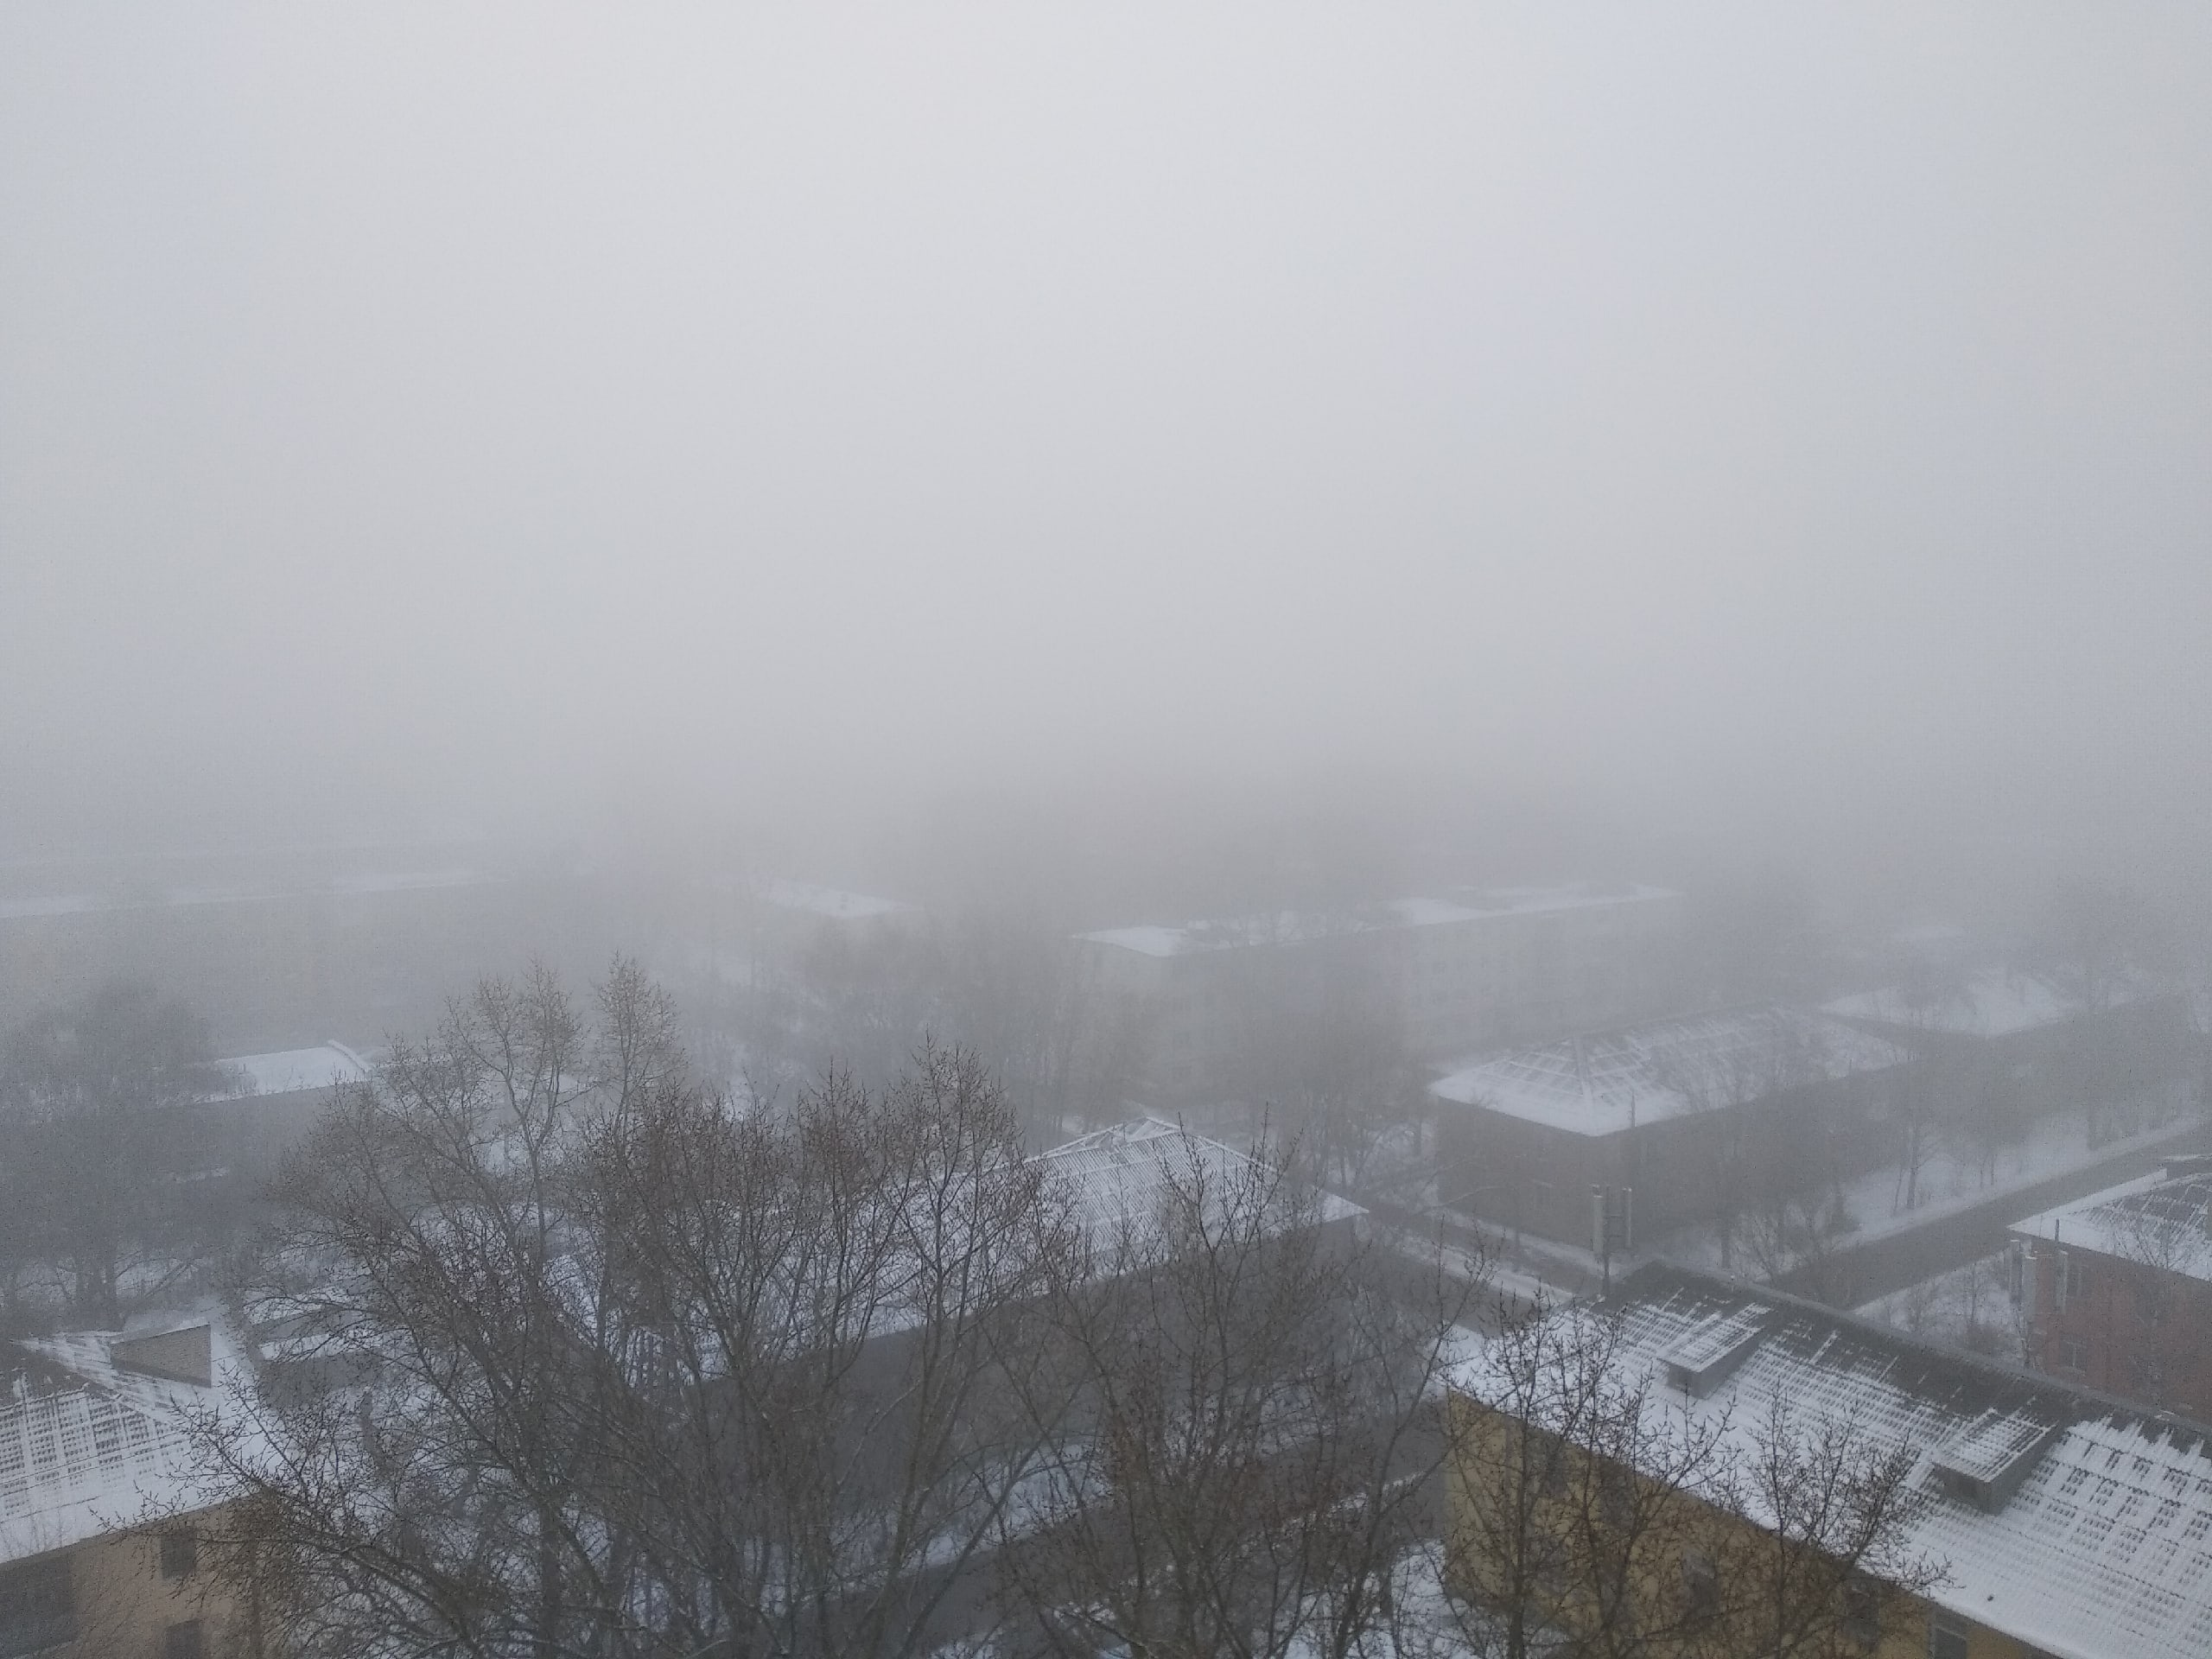 На Тверь опустился густой туман